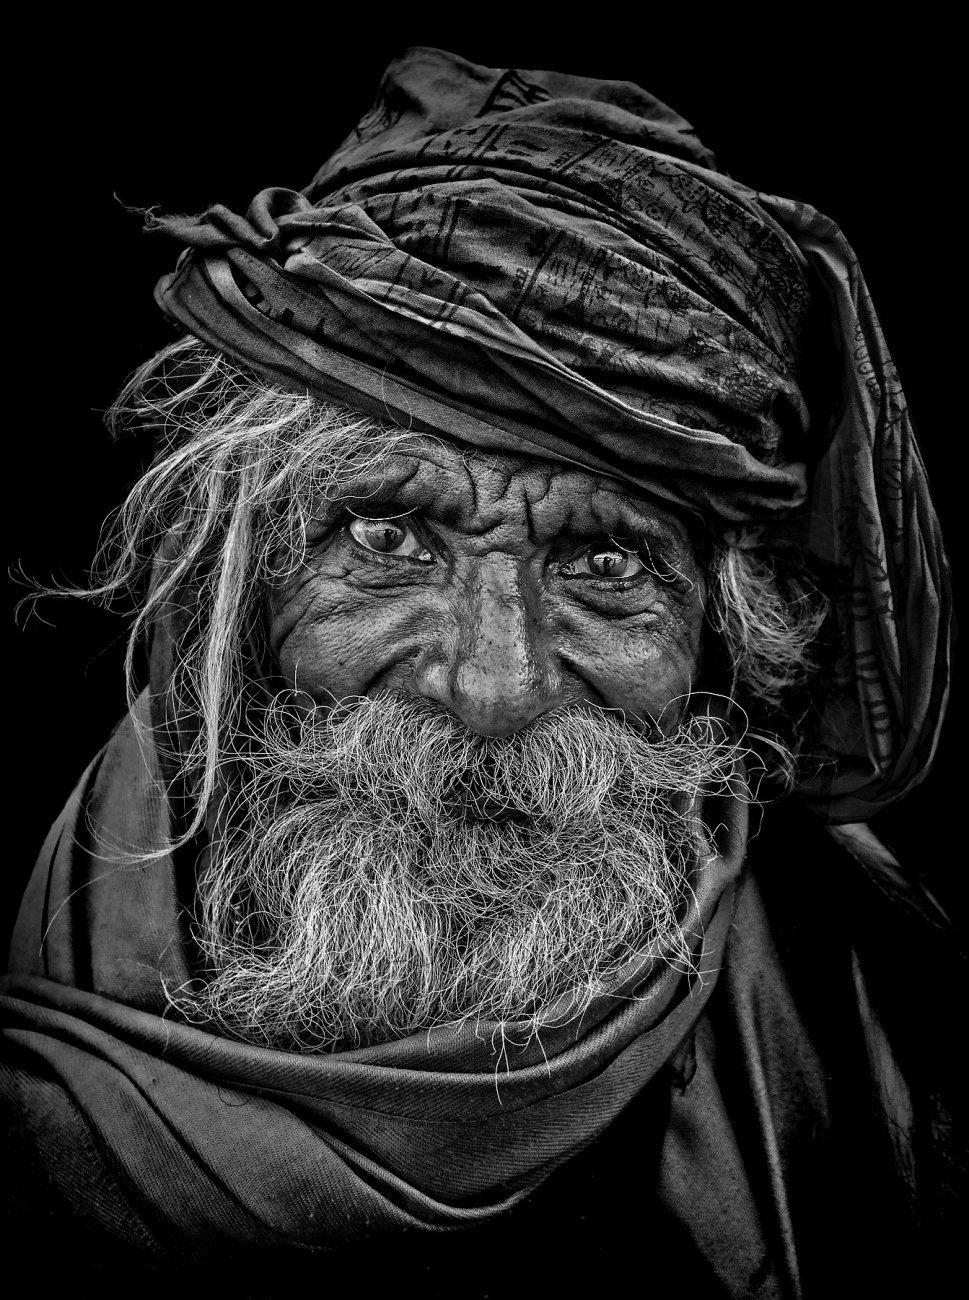 pilgrim, sadhu or vagabond?...........